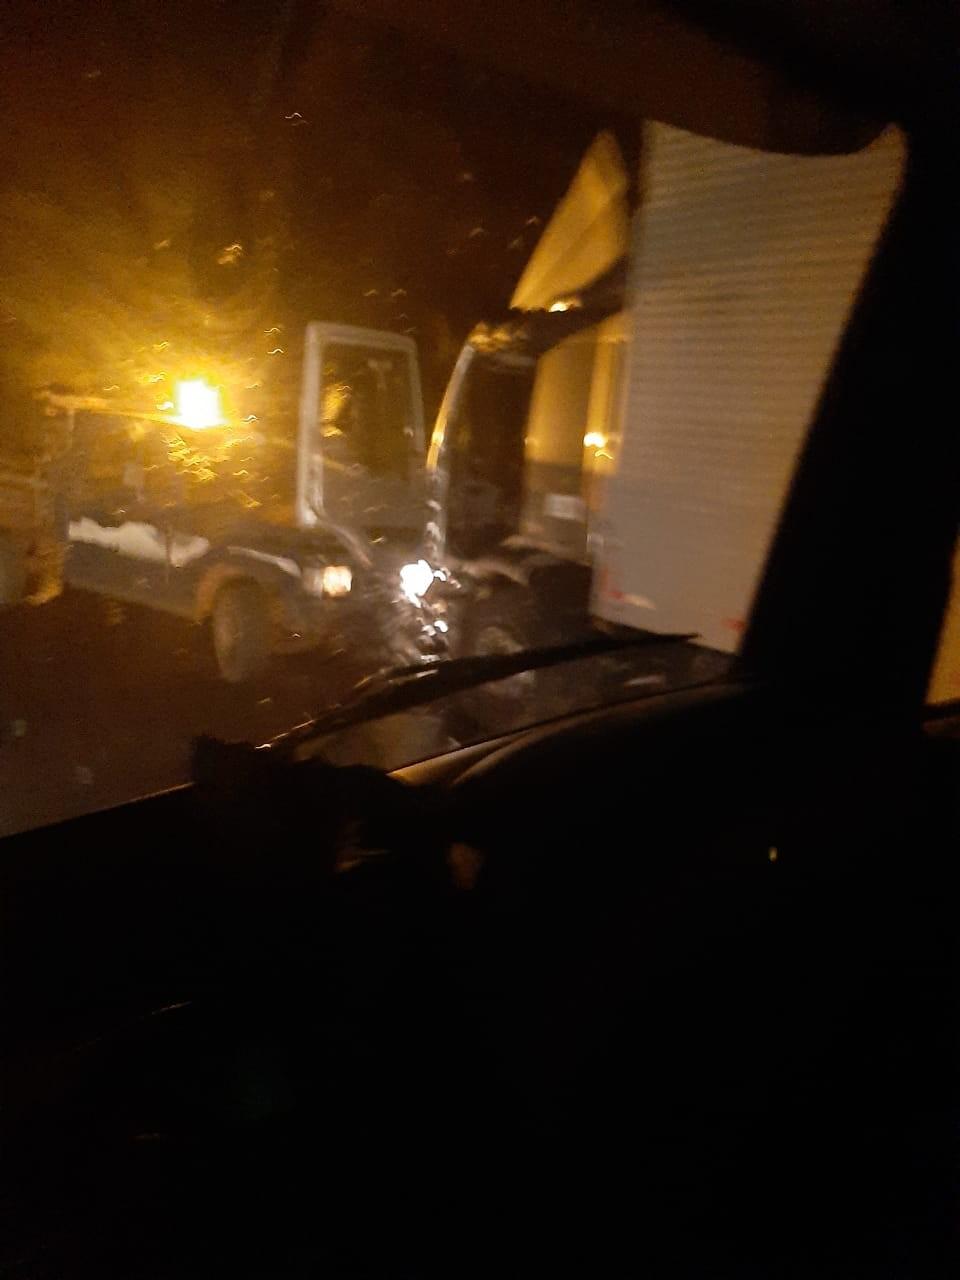 Acidente envolve caminhão e veículos sobre a Ponte do Rio Turvo em Coronel Bicaco na BR-468